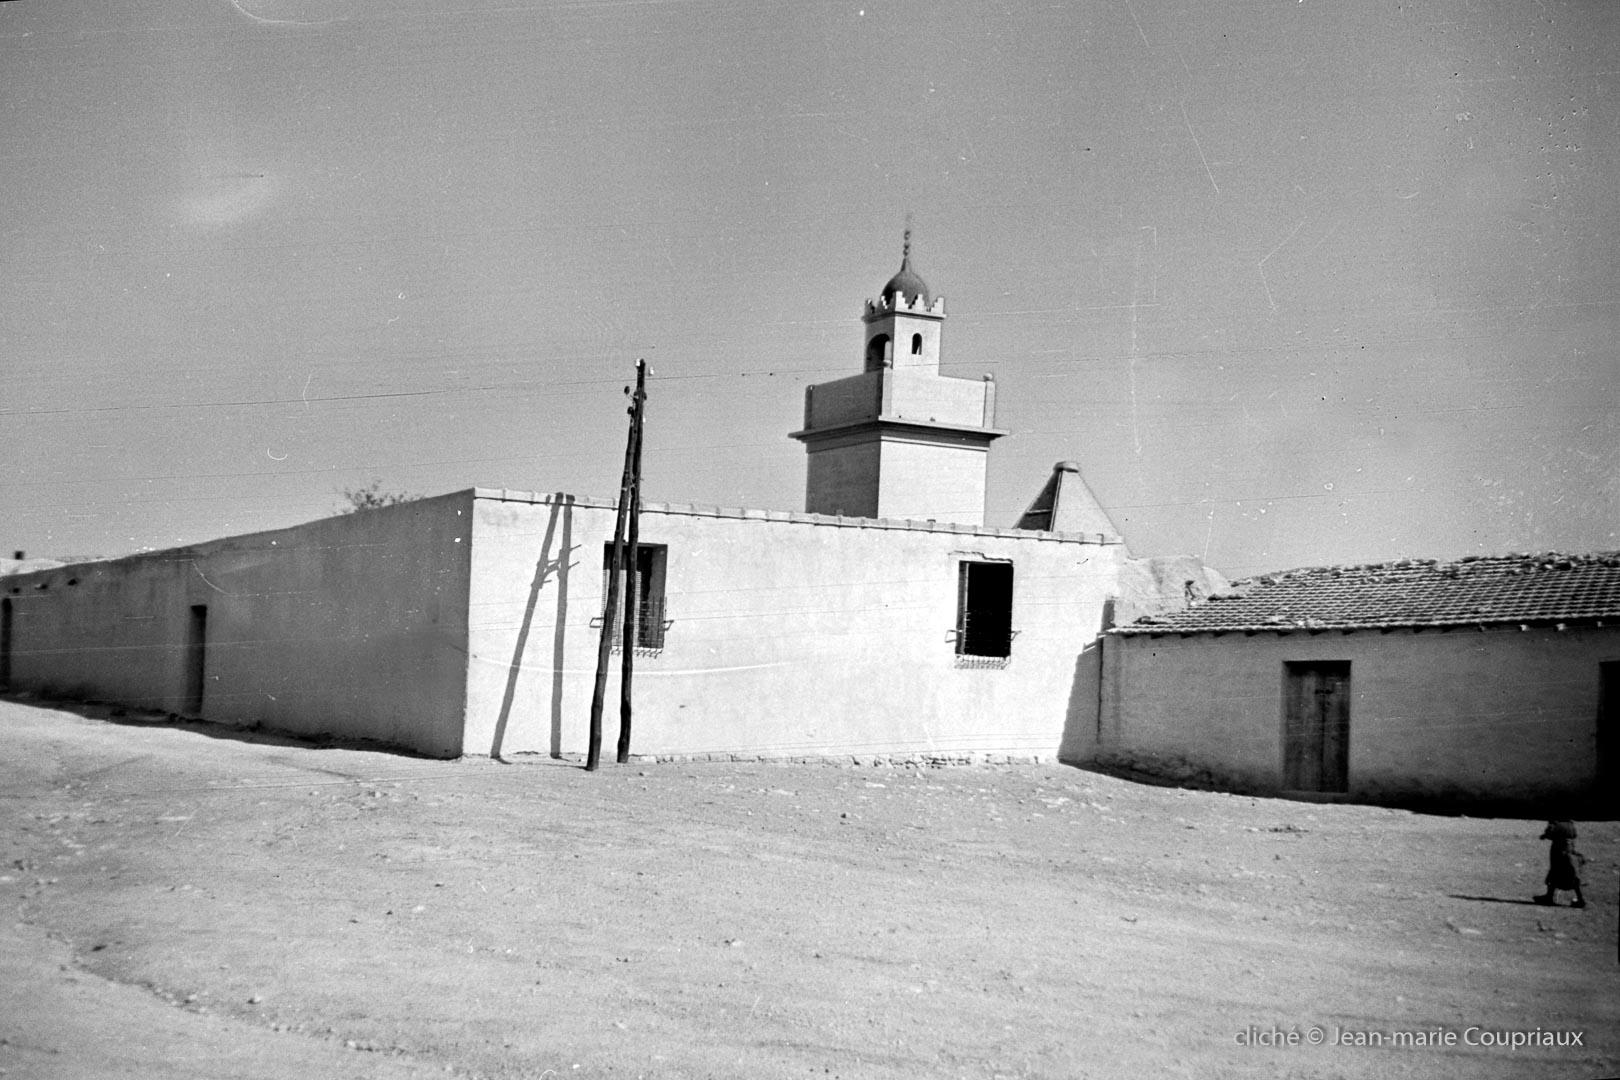 114-1957_ALG_BirElAter_nb8